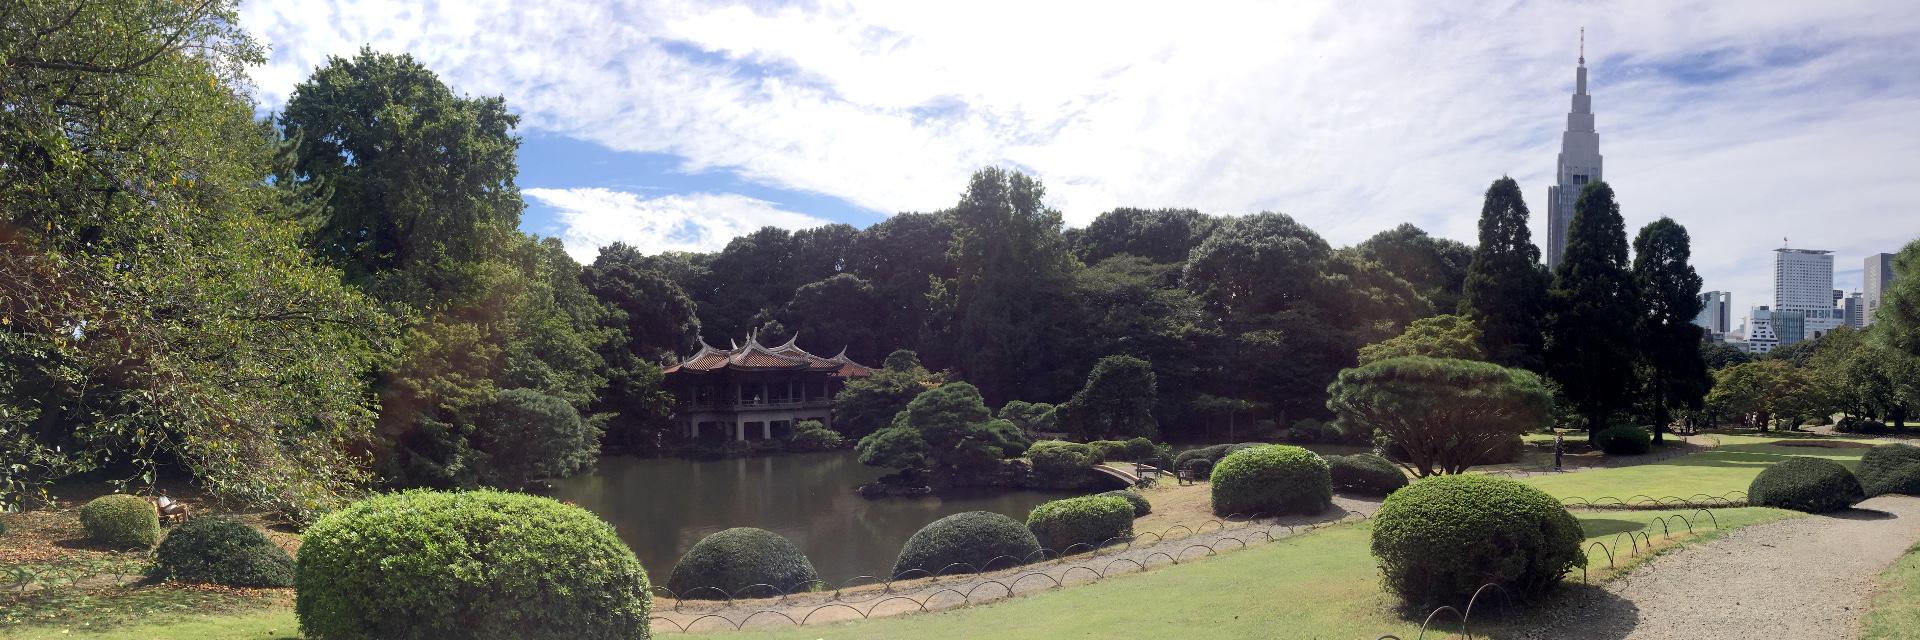 Czy warto wybrać się w podróż do Japonii? Jeżeli miałabym odpowiedzieć na to pytanie jednym zdaniem, odpowiedź zawsze byłaby taka sama: tak, warto!